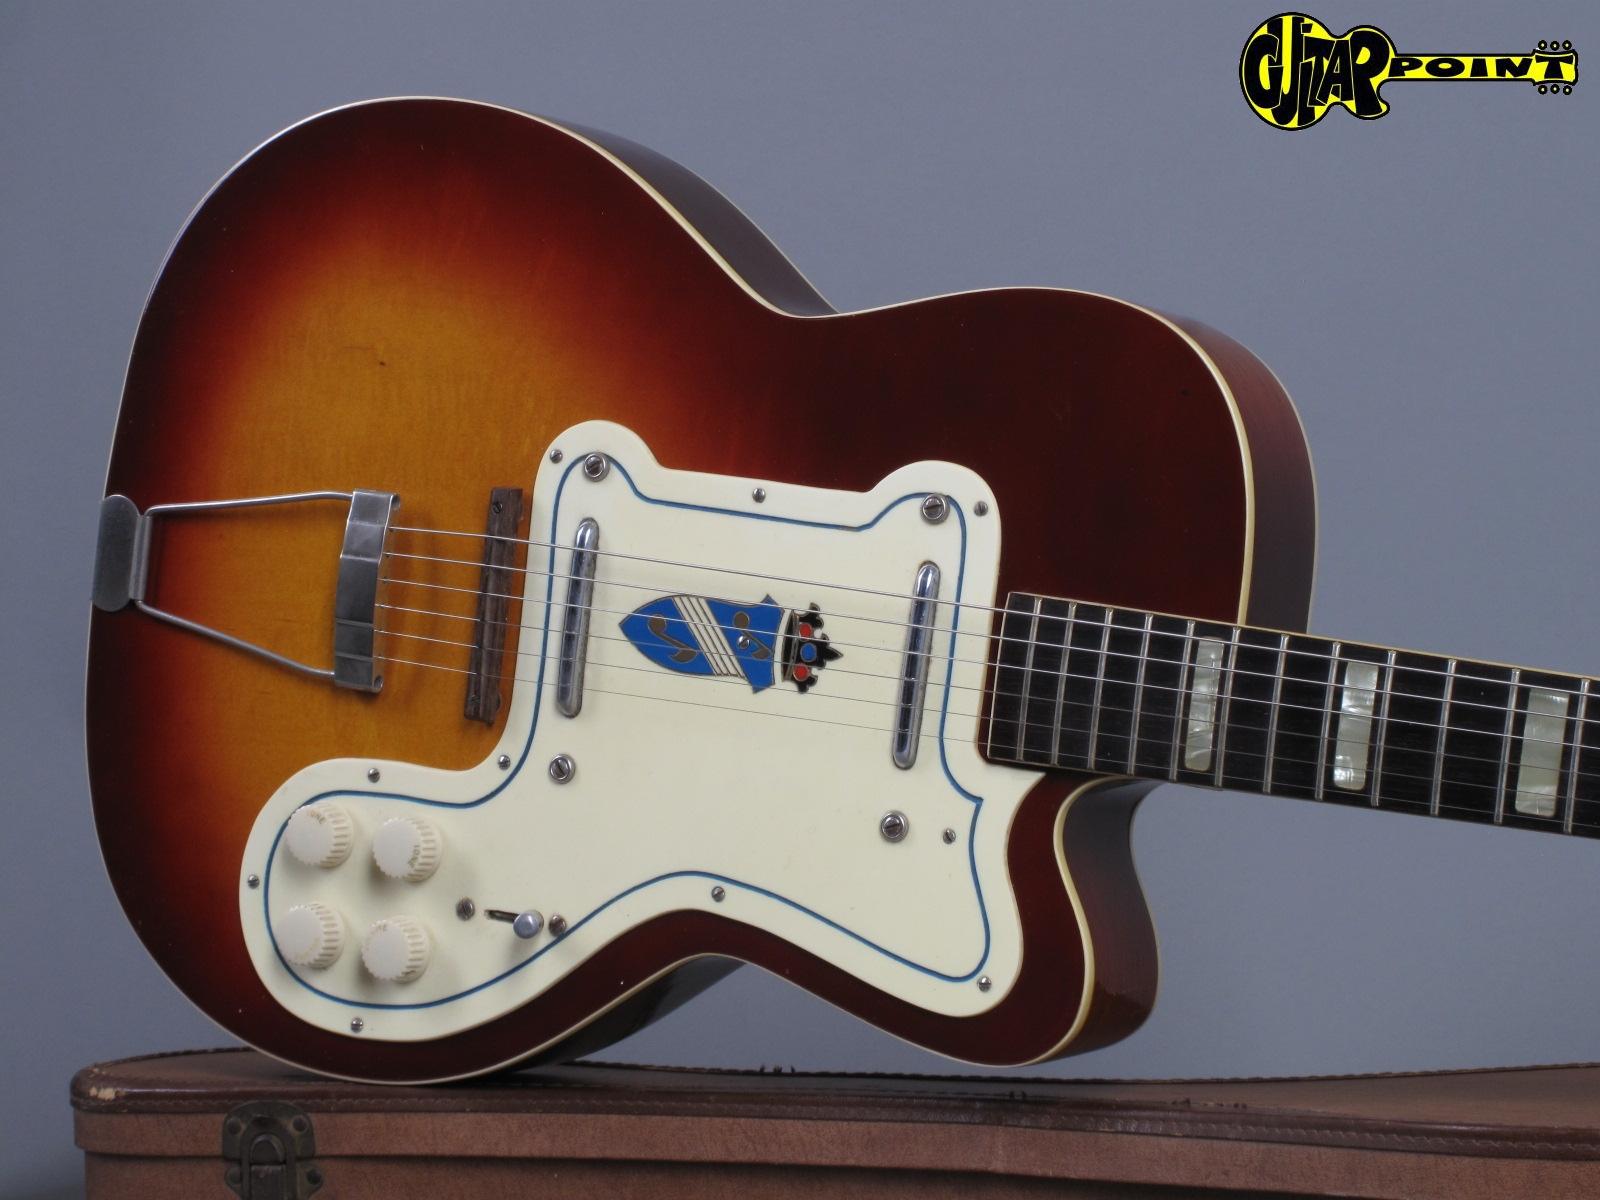 https://guitarpoint.de/app/uploads/products/1955-silvertone-1369l-jimmy-reed-thin-twin-sunburst/Silvertone55JReedSB_191.jpg